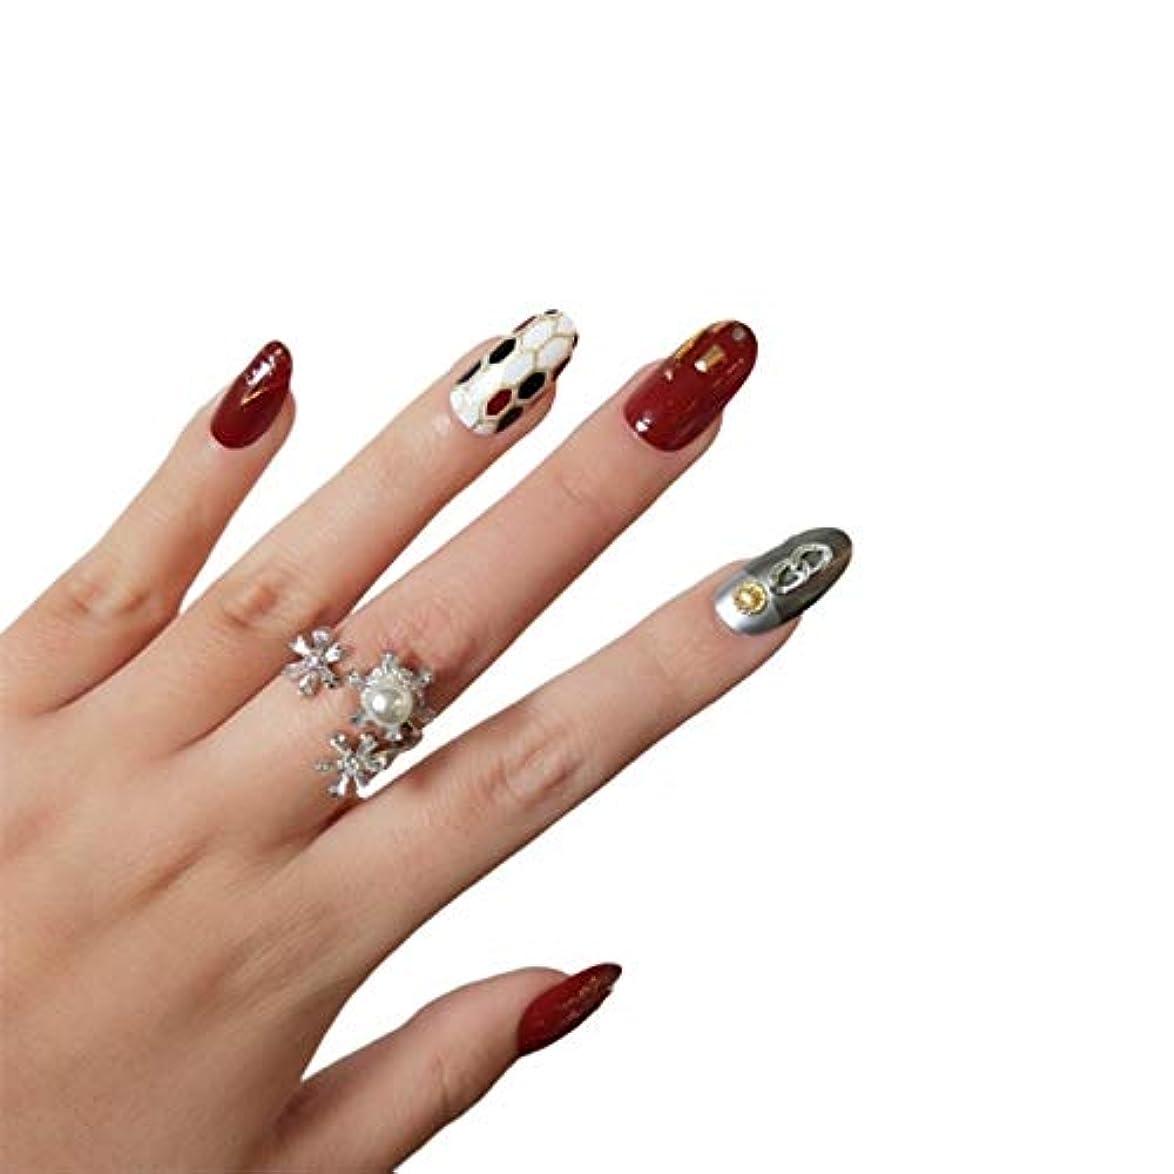 講師志すするNANNAN ネイルチップ ネイルチップ つけ爪 付け爪 つけ方簡単 ネイル デコネイルコレクション シール ハロウィン 母の日 パーティ 人気 毎日変身 24枚セット